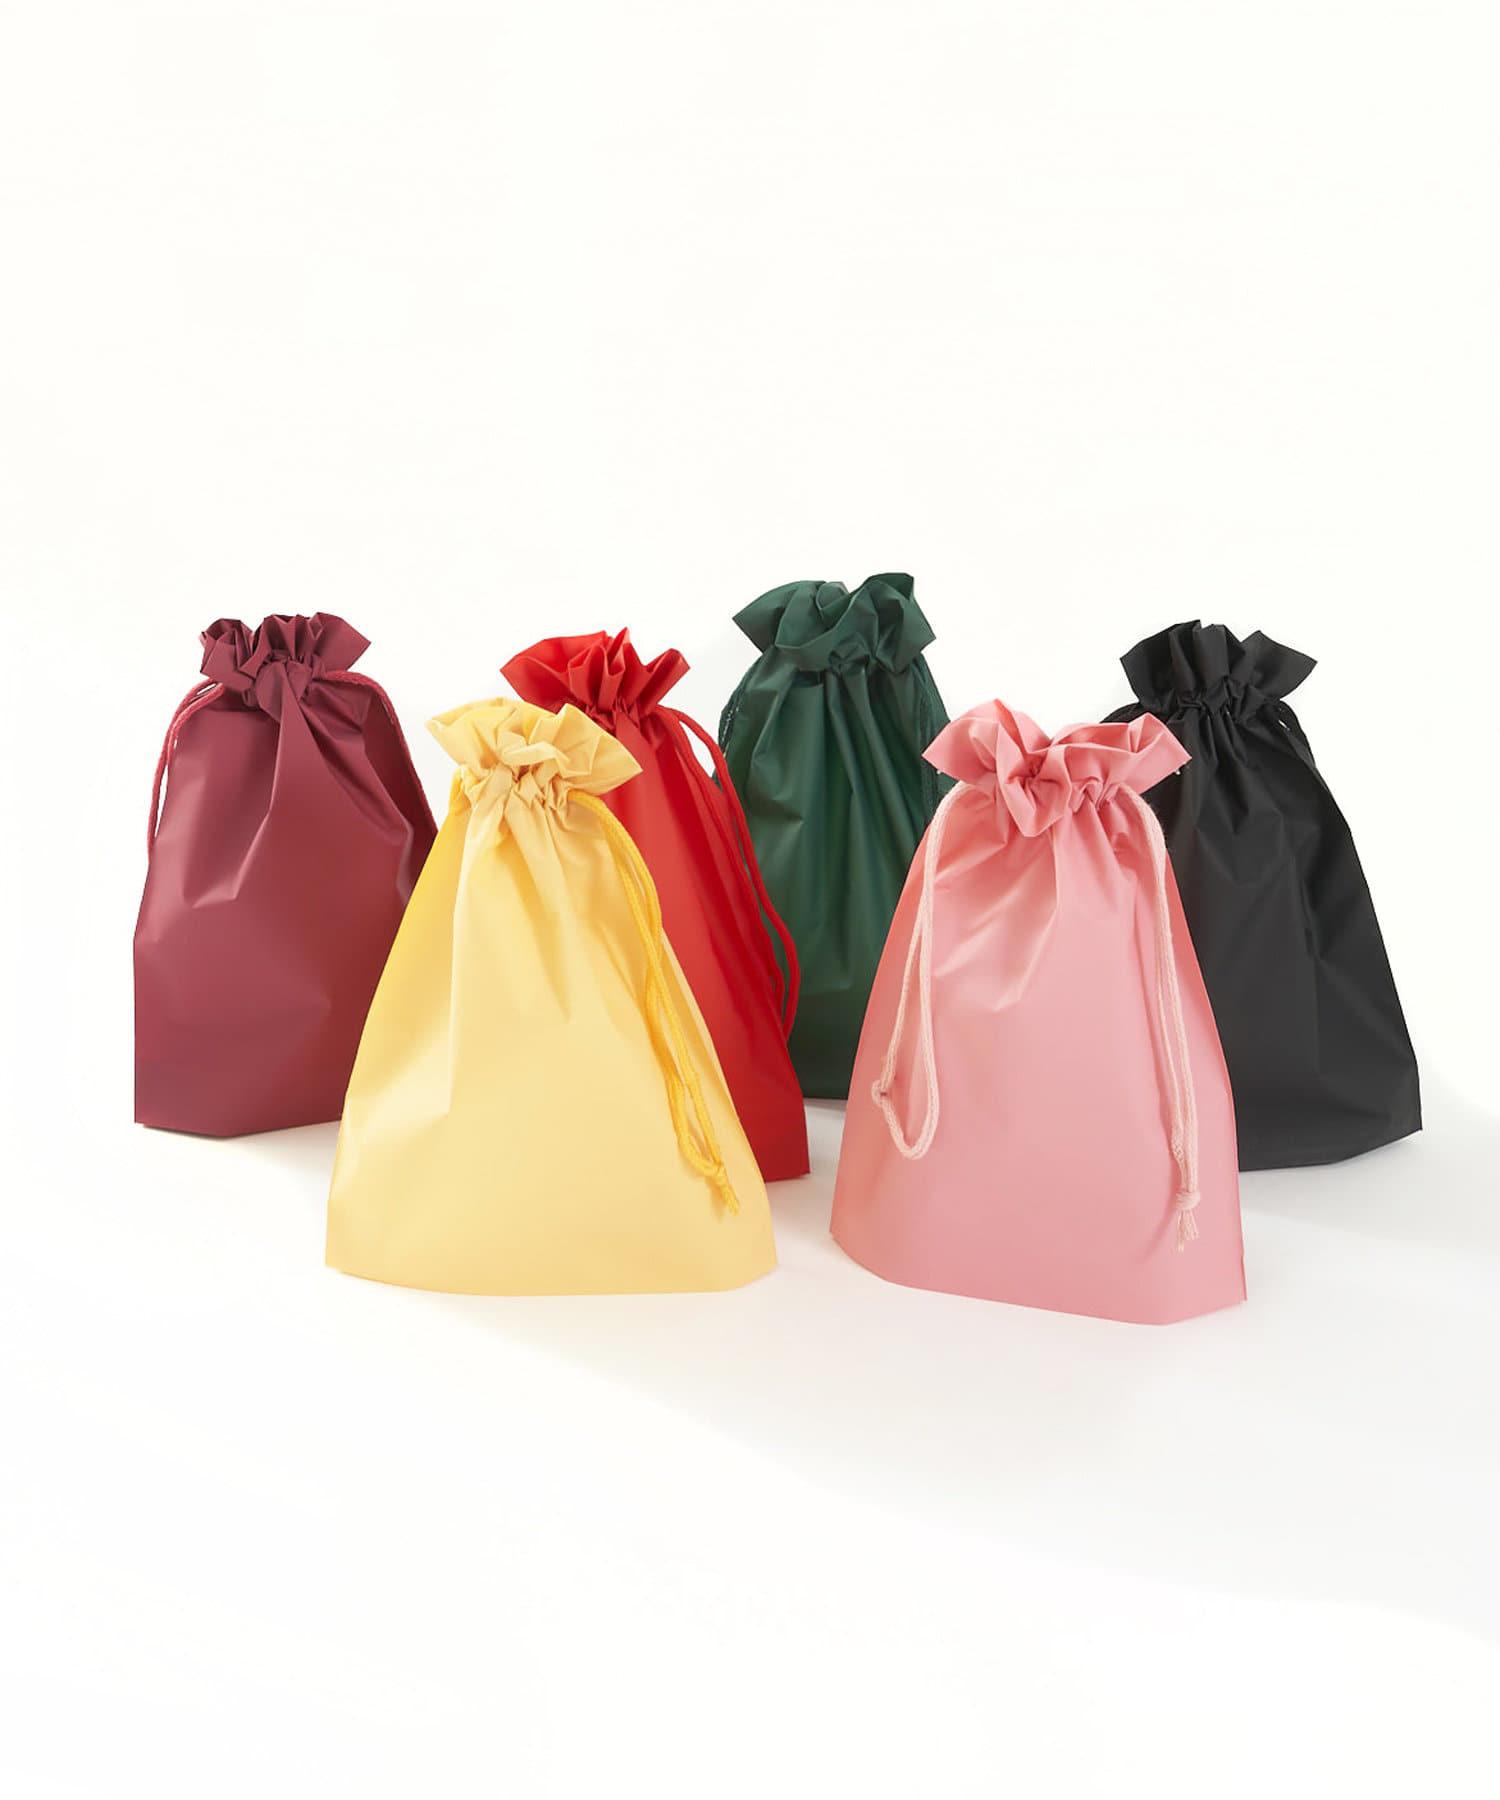 ASOKO(アソコ) ライフスタイル ビニール巾着6色セット その他